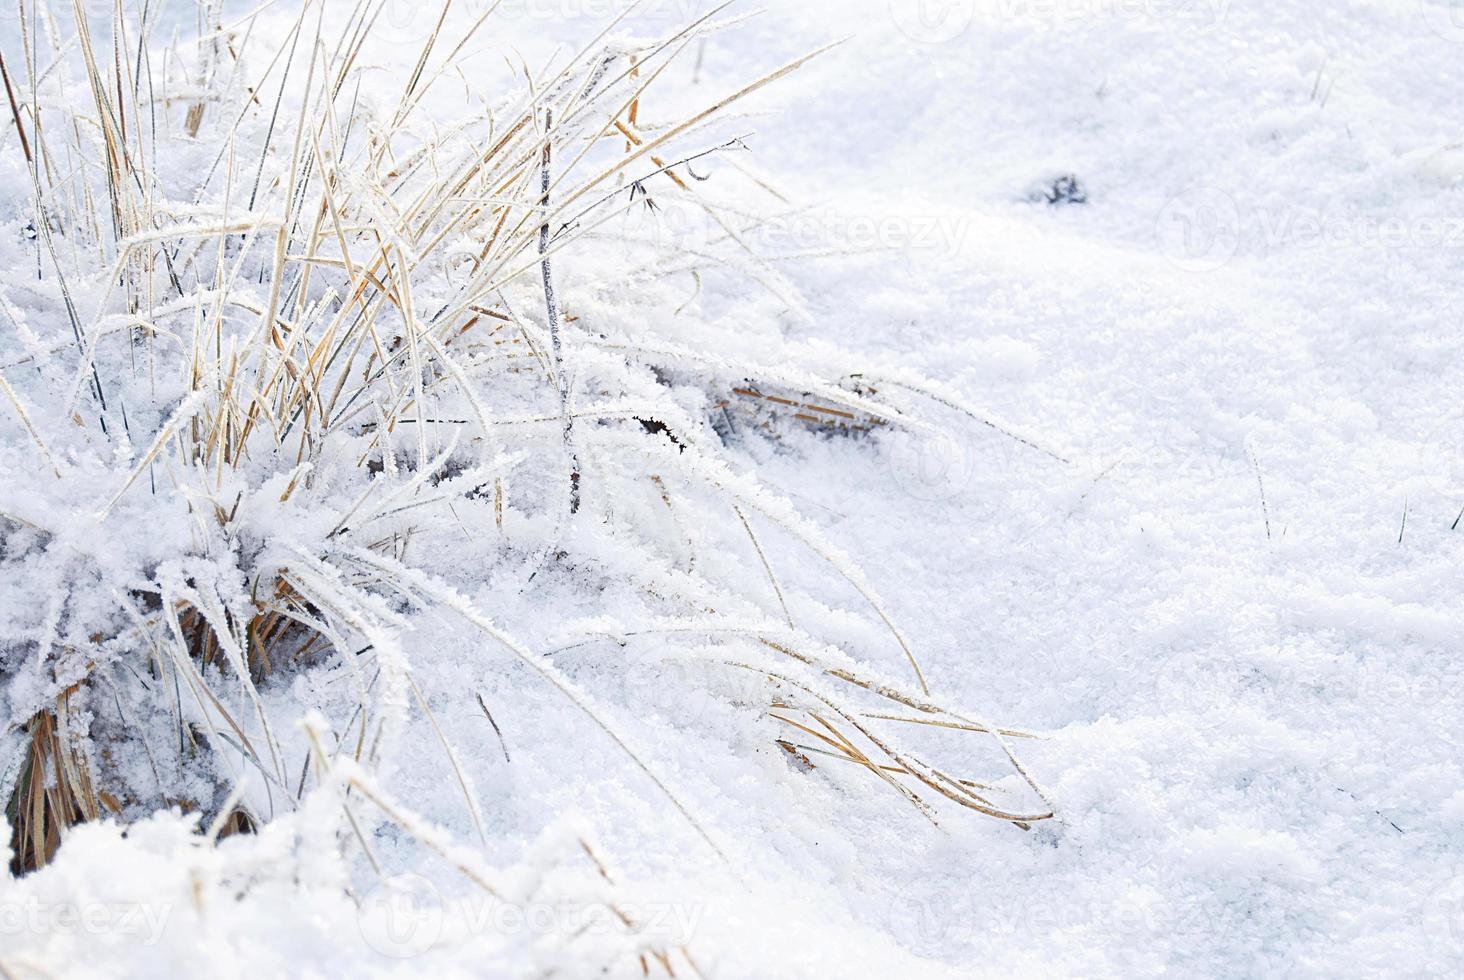 heladas de invierno foto